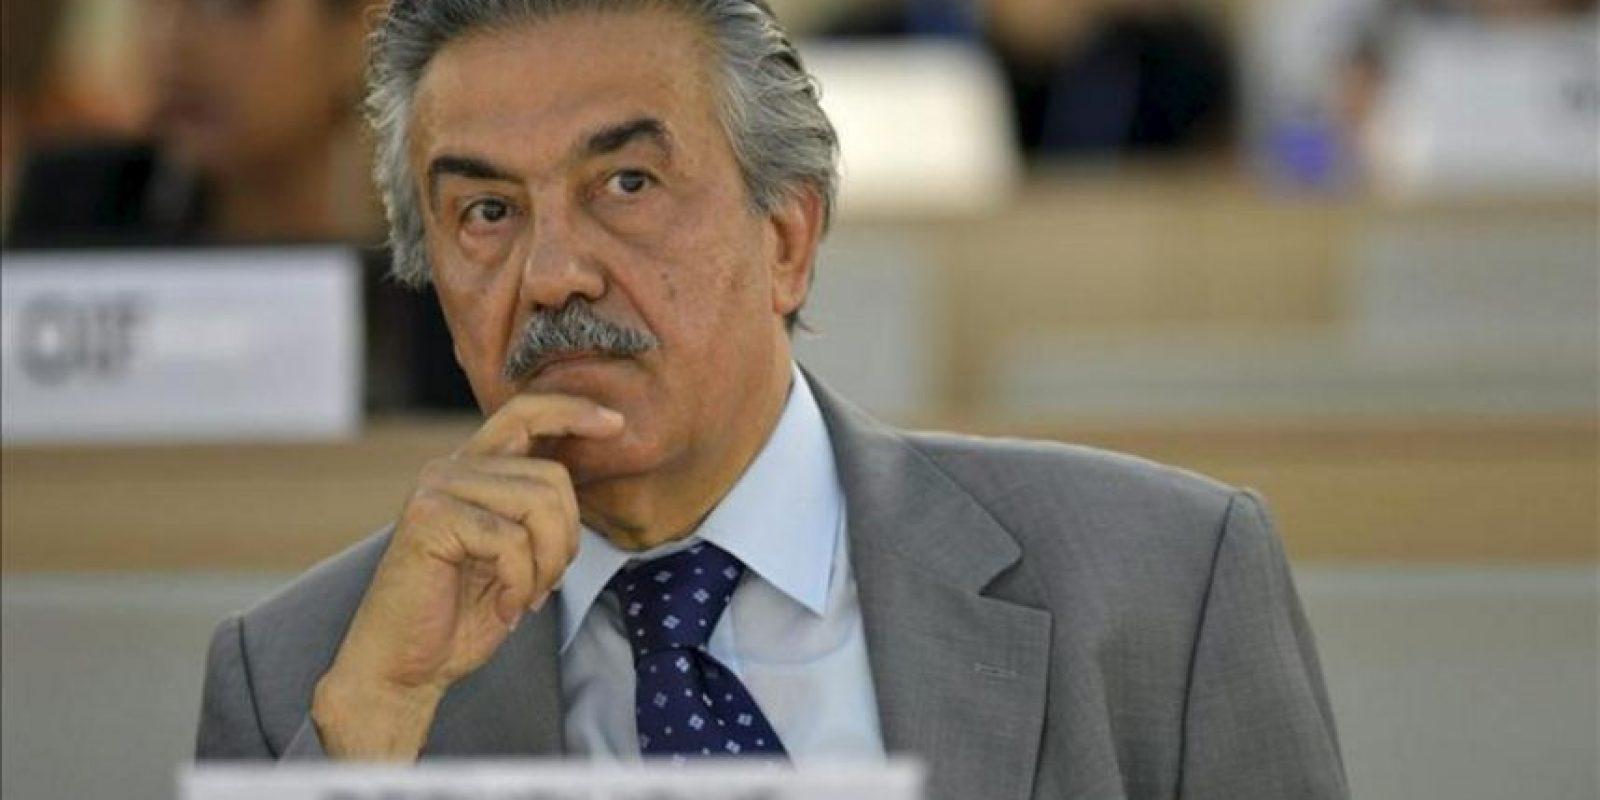 El embajador sirio ante la ONU, Faysal Khabbaz Hamoui, durante la presentación del informe de la Comisión de Investigación Independiente sobre Siria, en la vigésima sesión del Consejo de Derechos Humanos en la sede de Naciones Unidas en Ginebra, Suiza, el 27 de junio. EFE